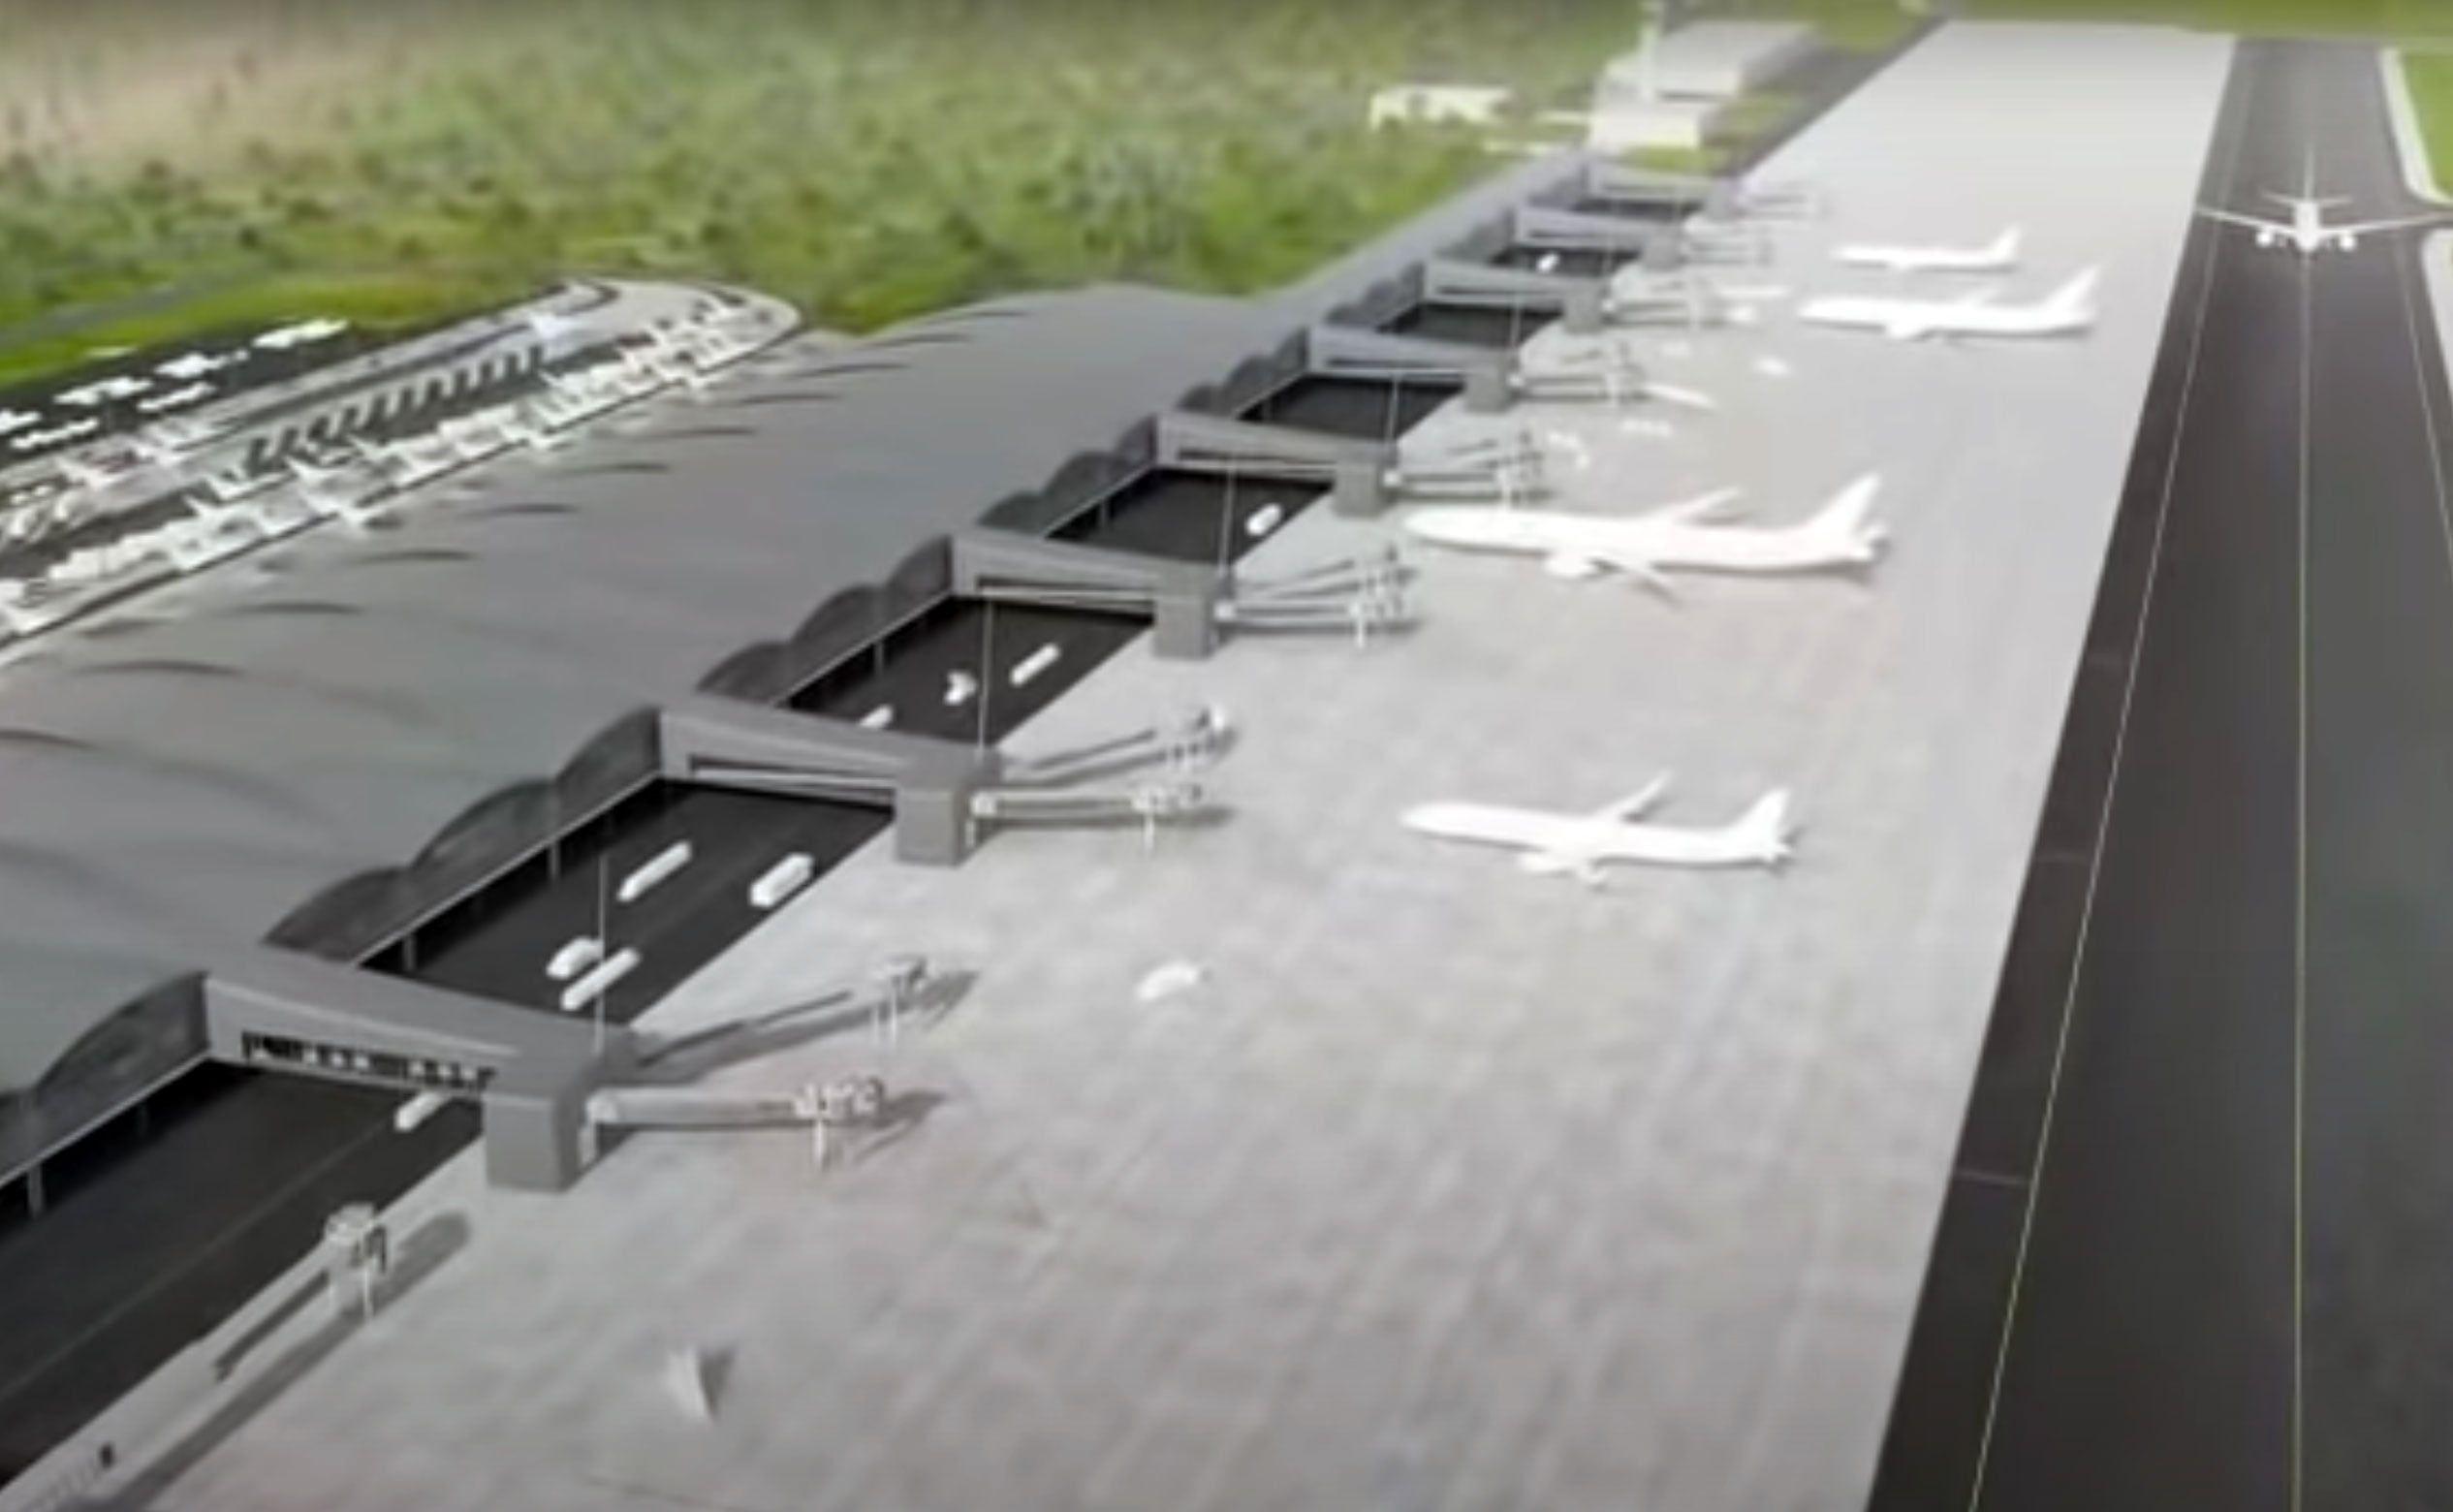 DAC intimado a revocar resolución que suspendió obras para aeropuerto